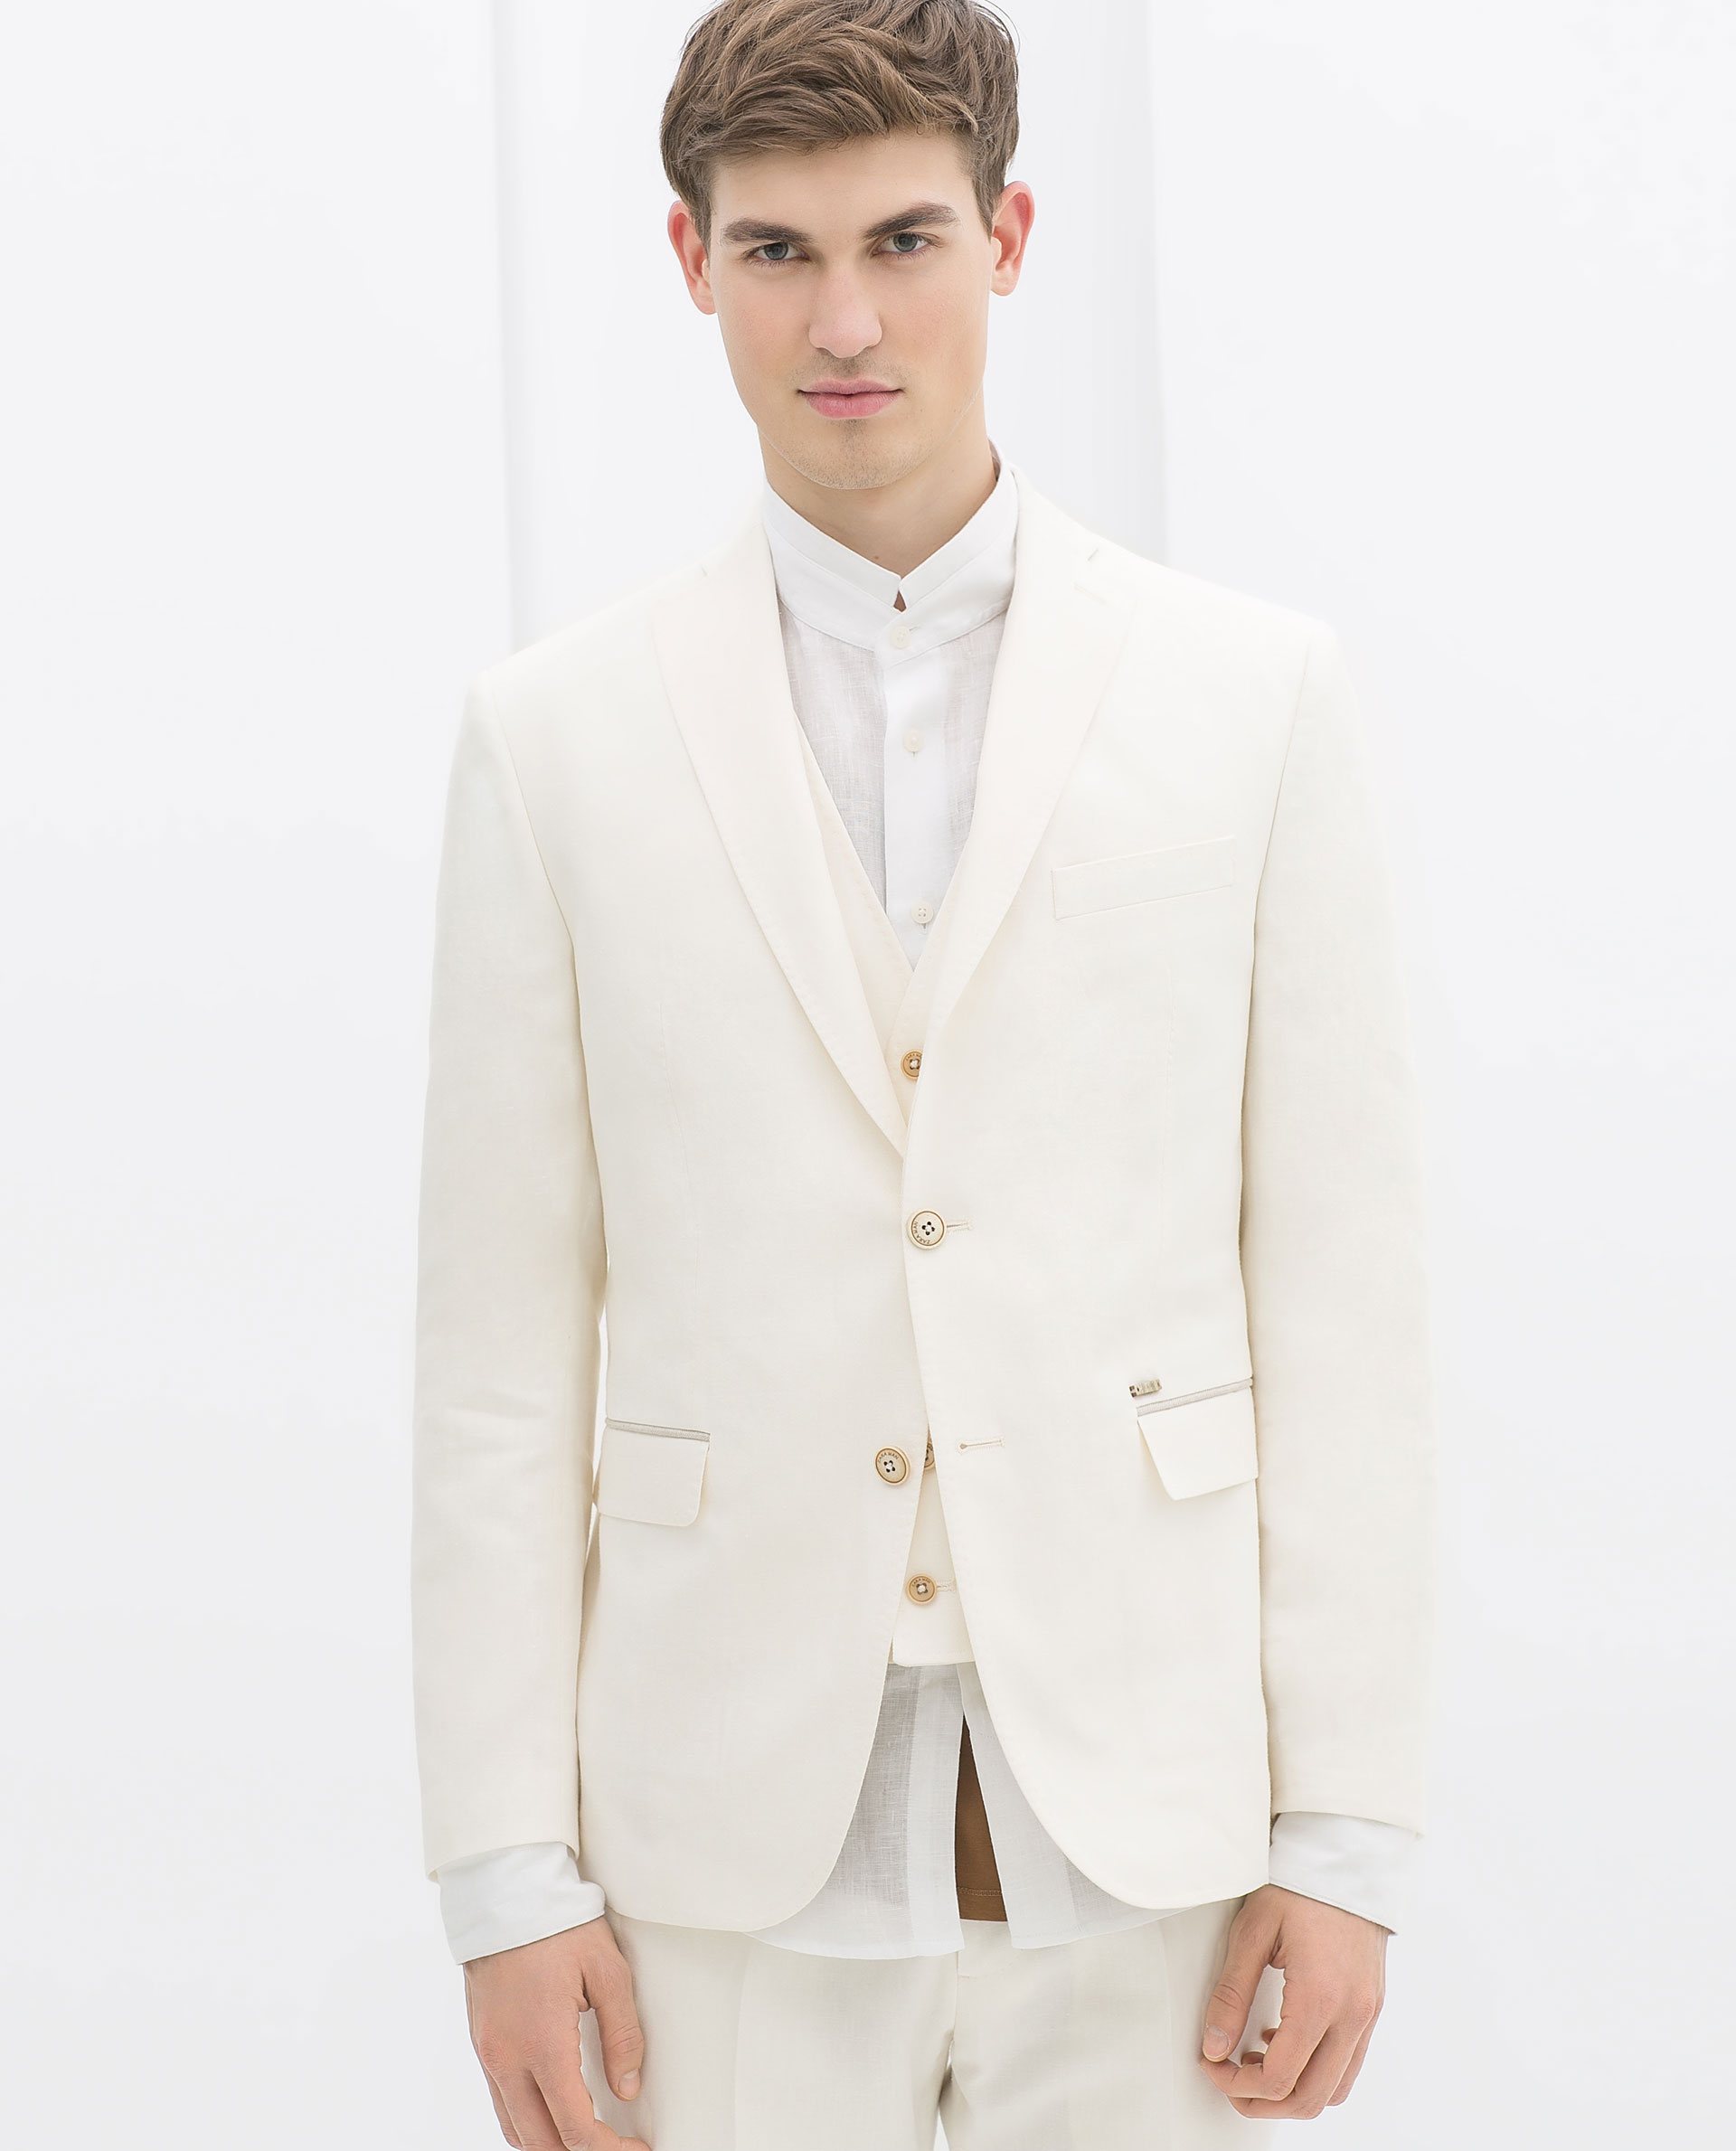 e1fe966f8c2 Zara Linen Suit Blazer With White Edging In Beige For Men .